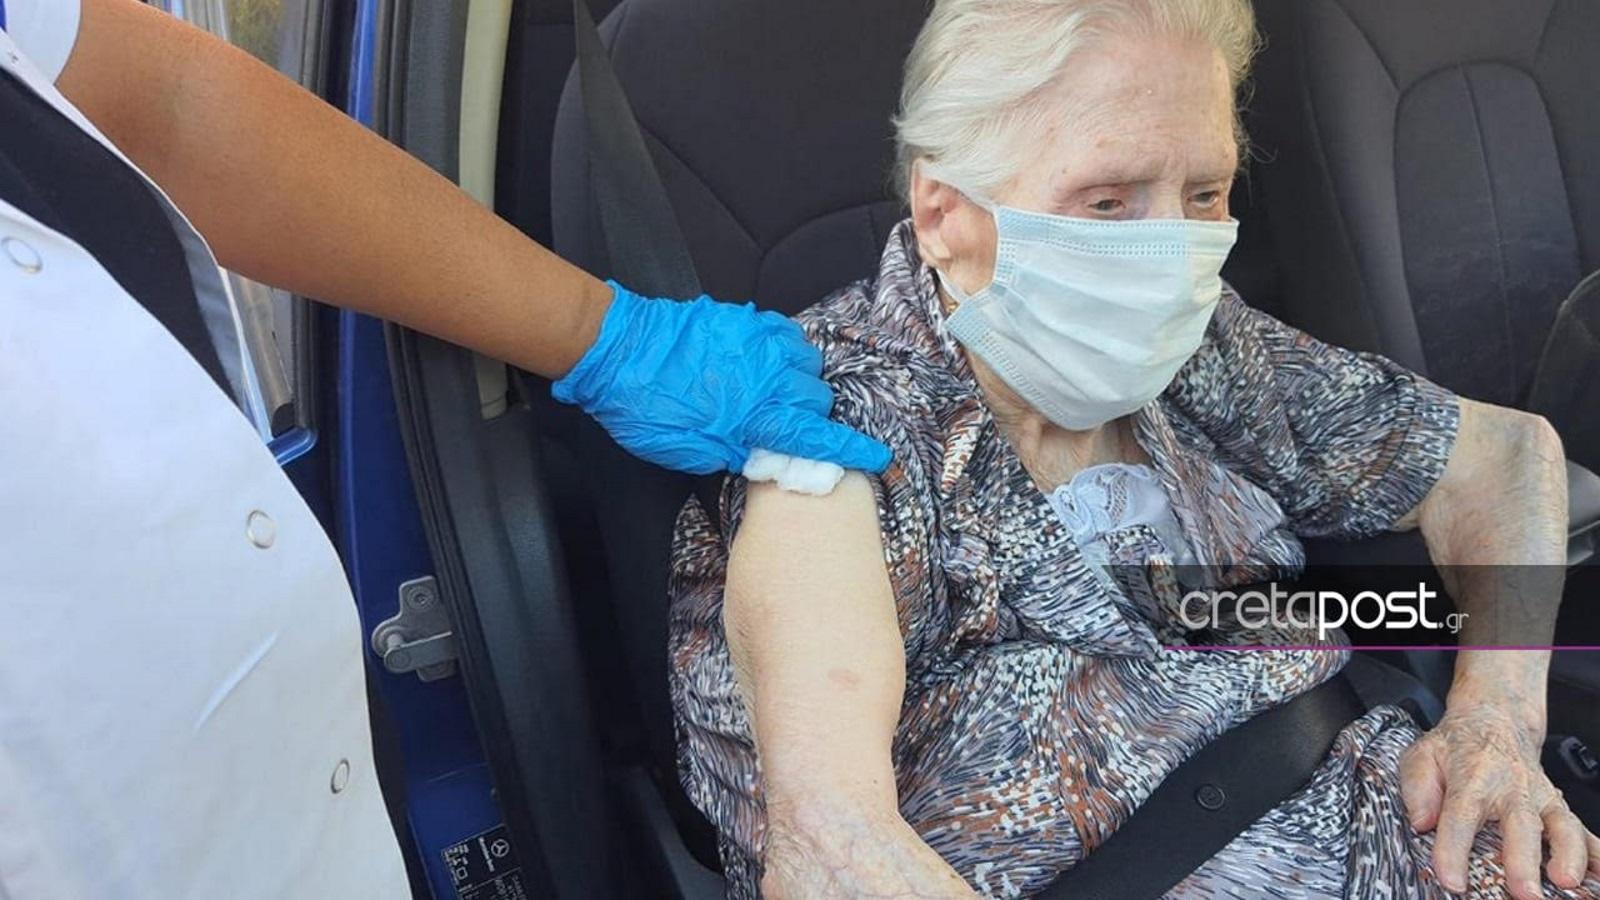 Ηράκλειο: Εμβολιάστηκε γιαγιά 100 ετών – Τι μήνυμα στέλνει